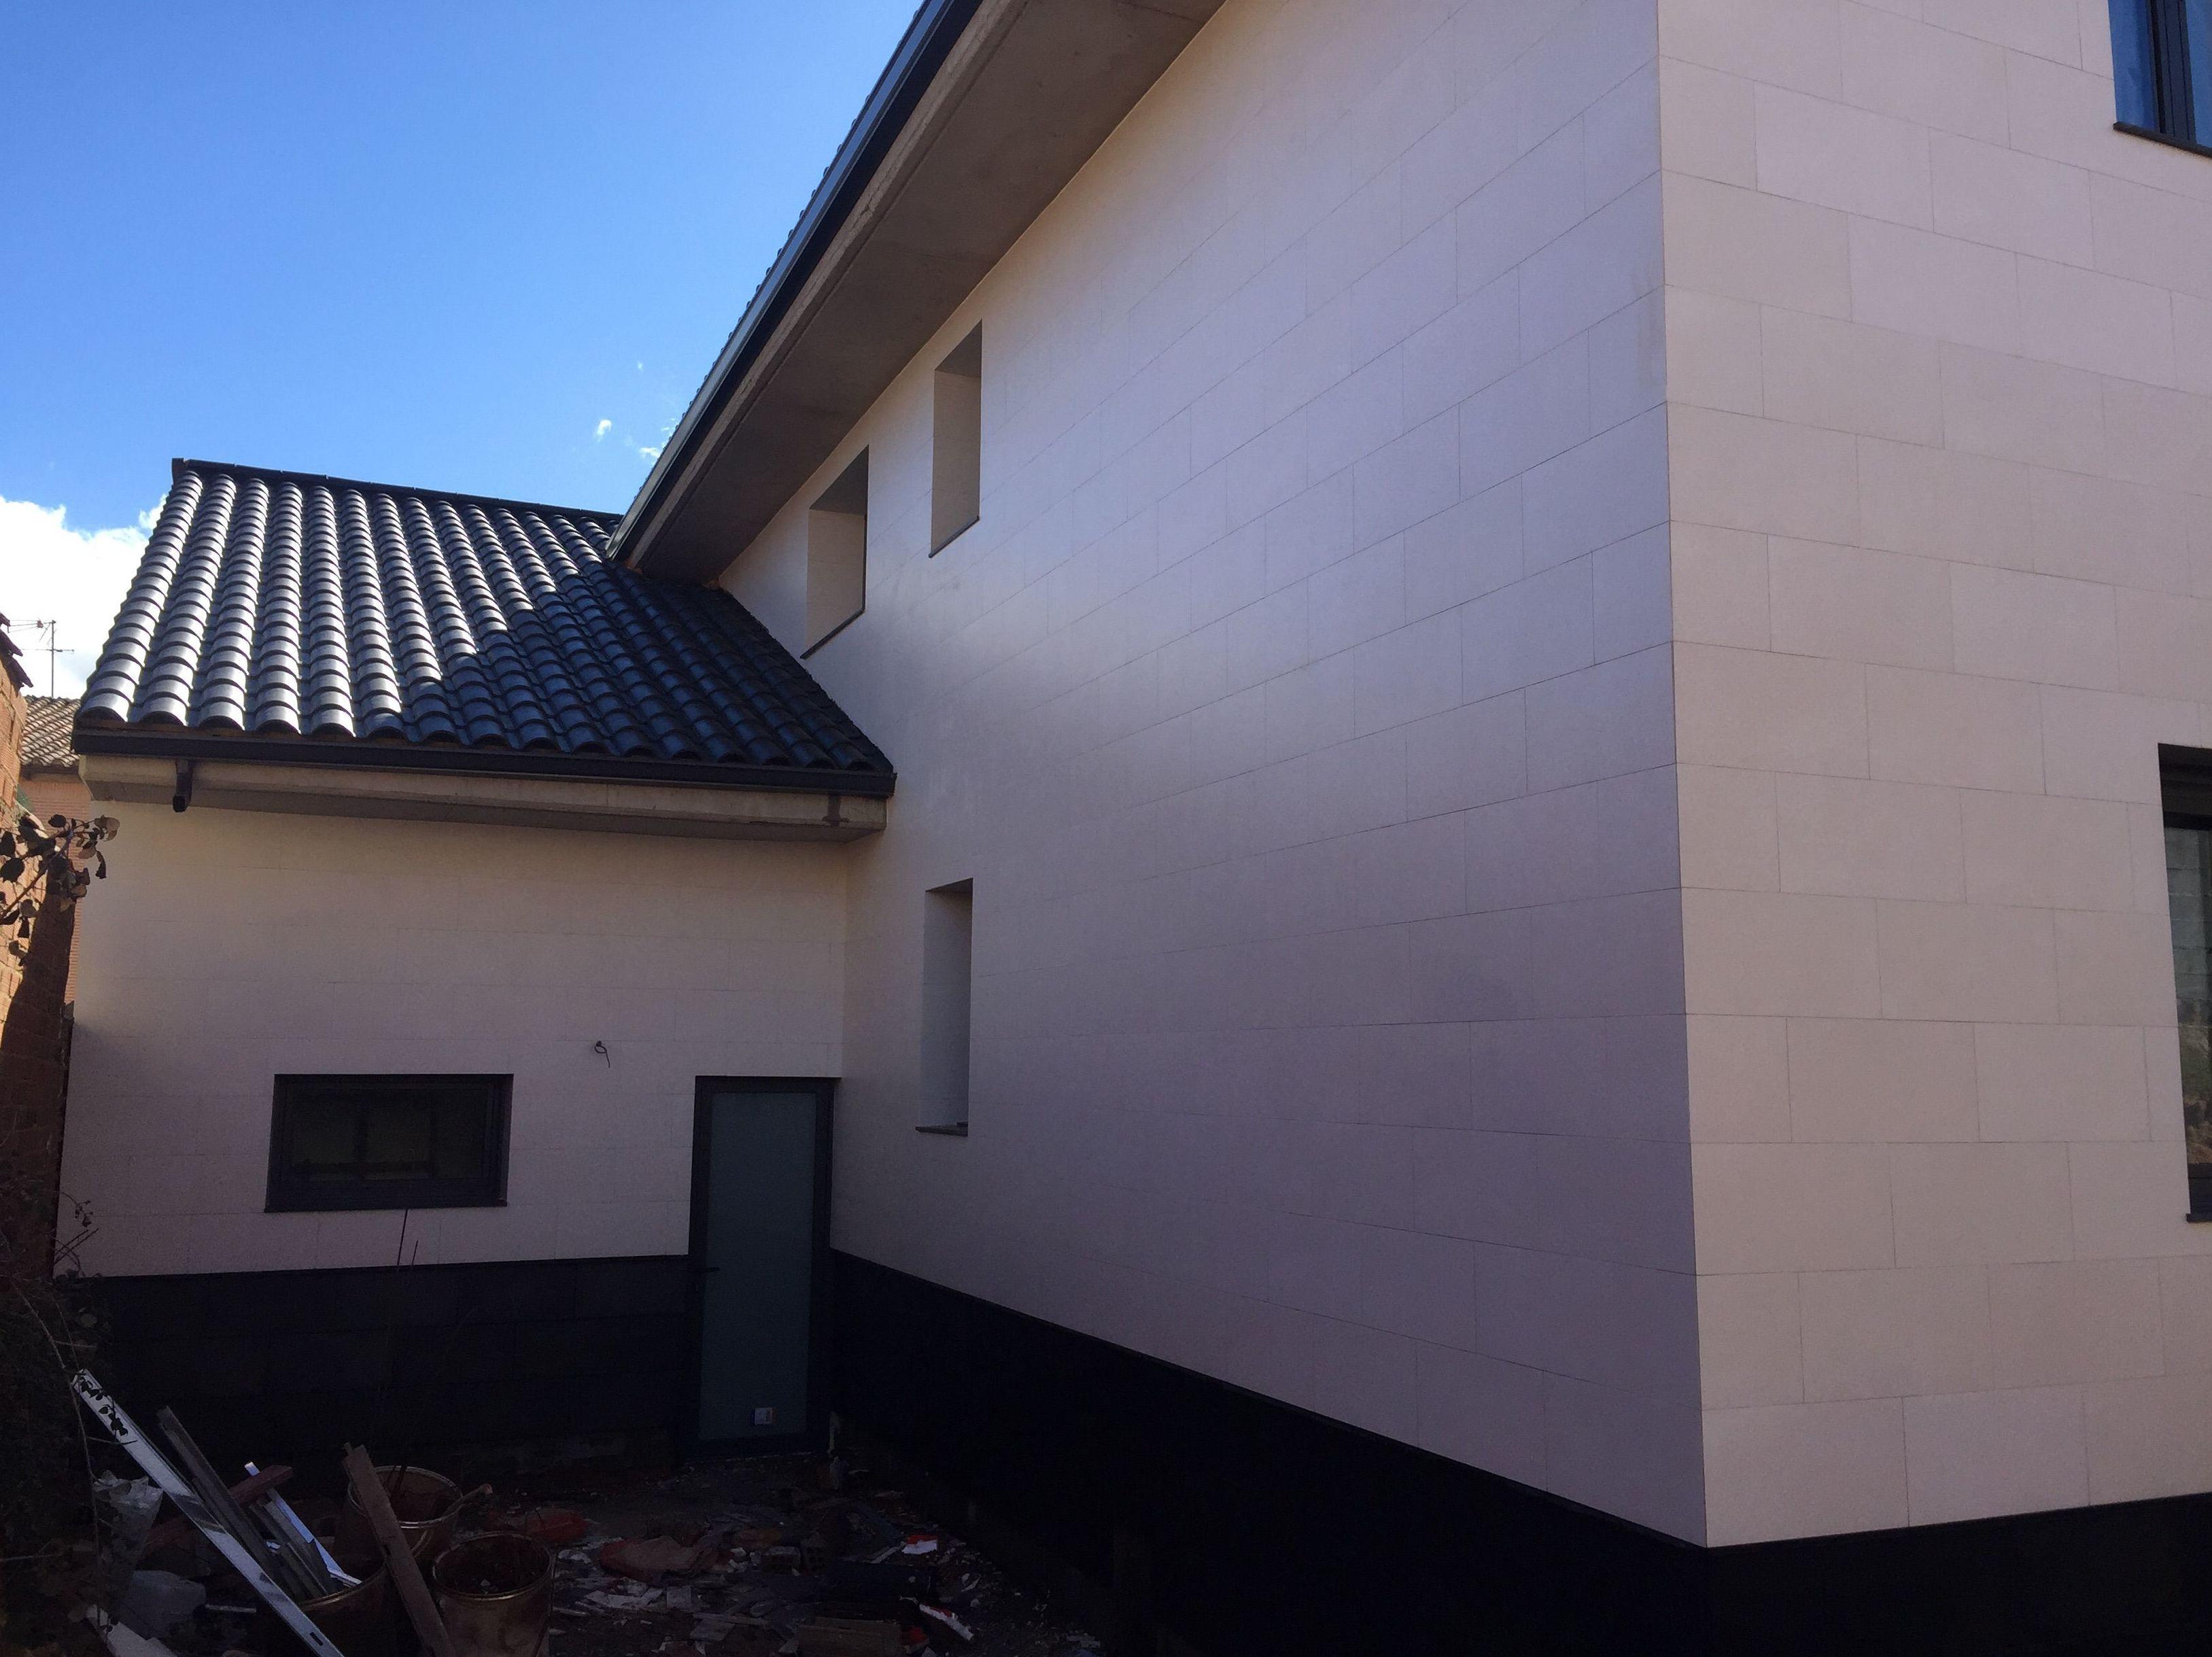 Foto 73 de Rehabilitación de edificios en Villaquilambre | Cuatro Paredes